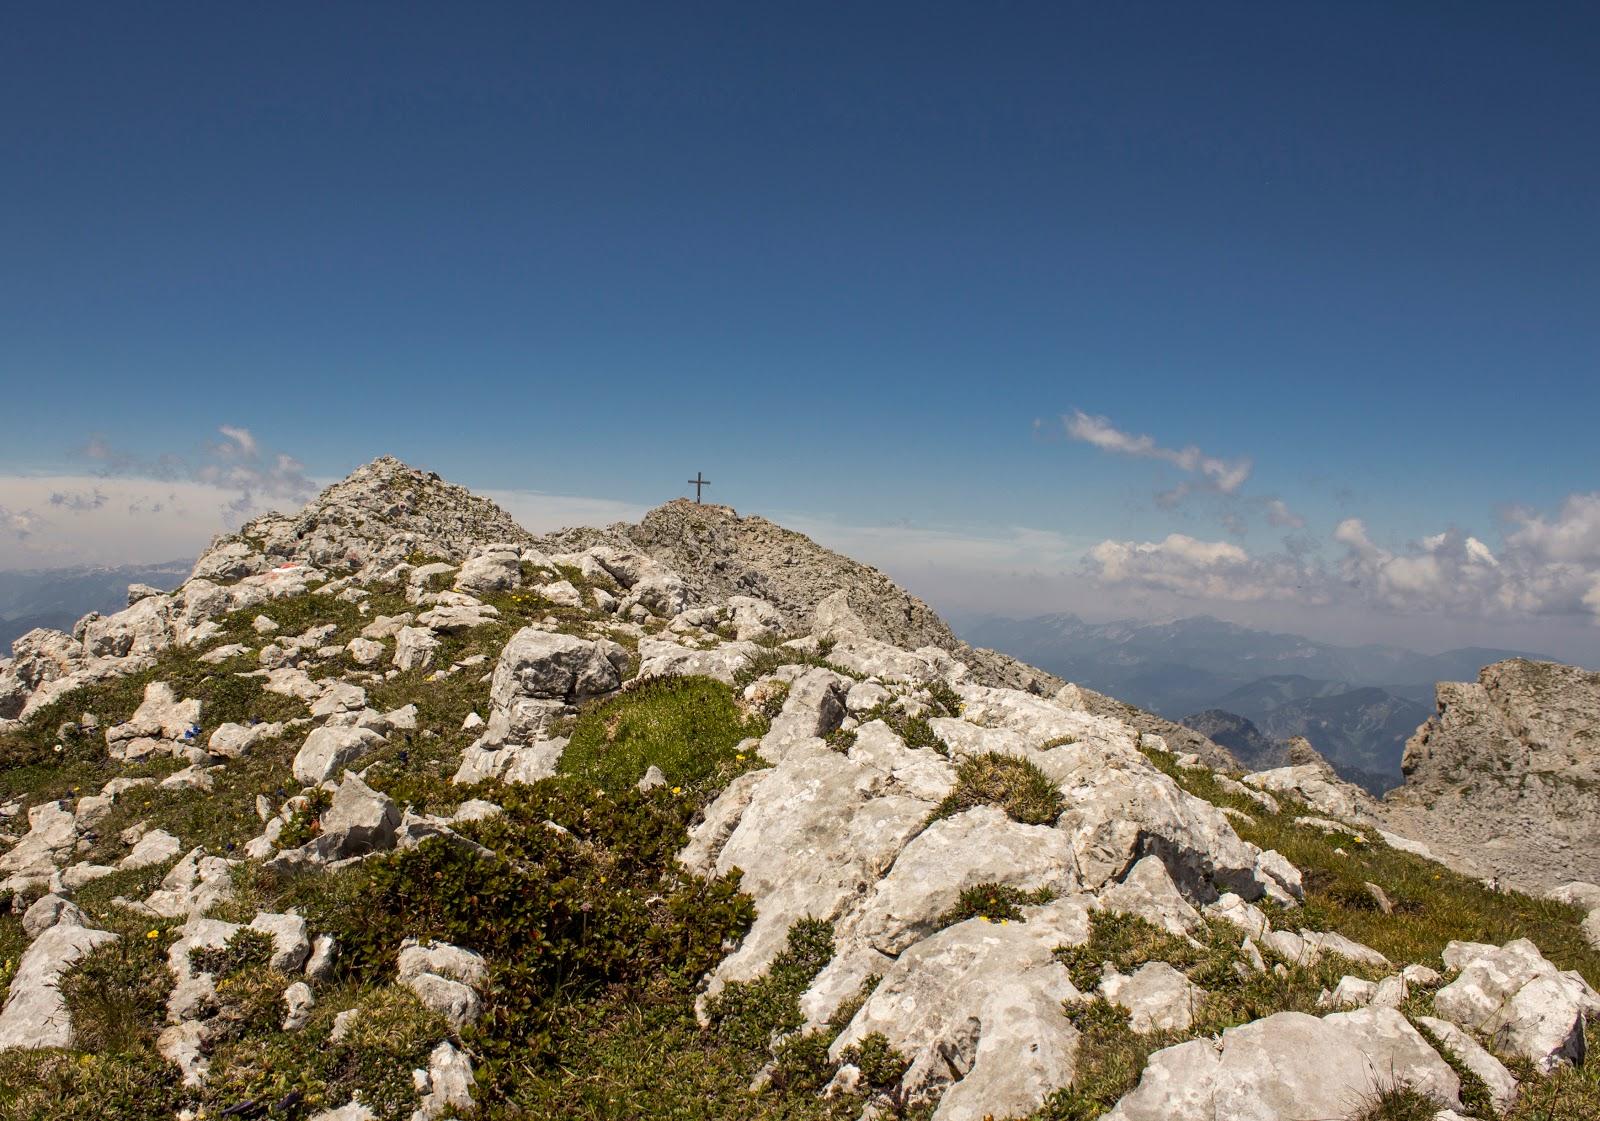 Zweitätige Wanderung im Gesäuse von Gsatterboden zum Buchsteinhaus und weiter über den Südwandband Klettersteig auf den Großen Buchstein - Gipfelbereich